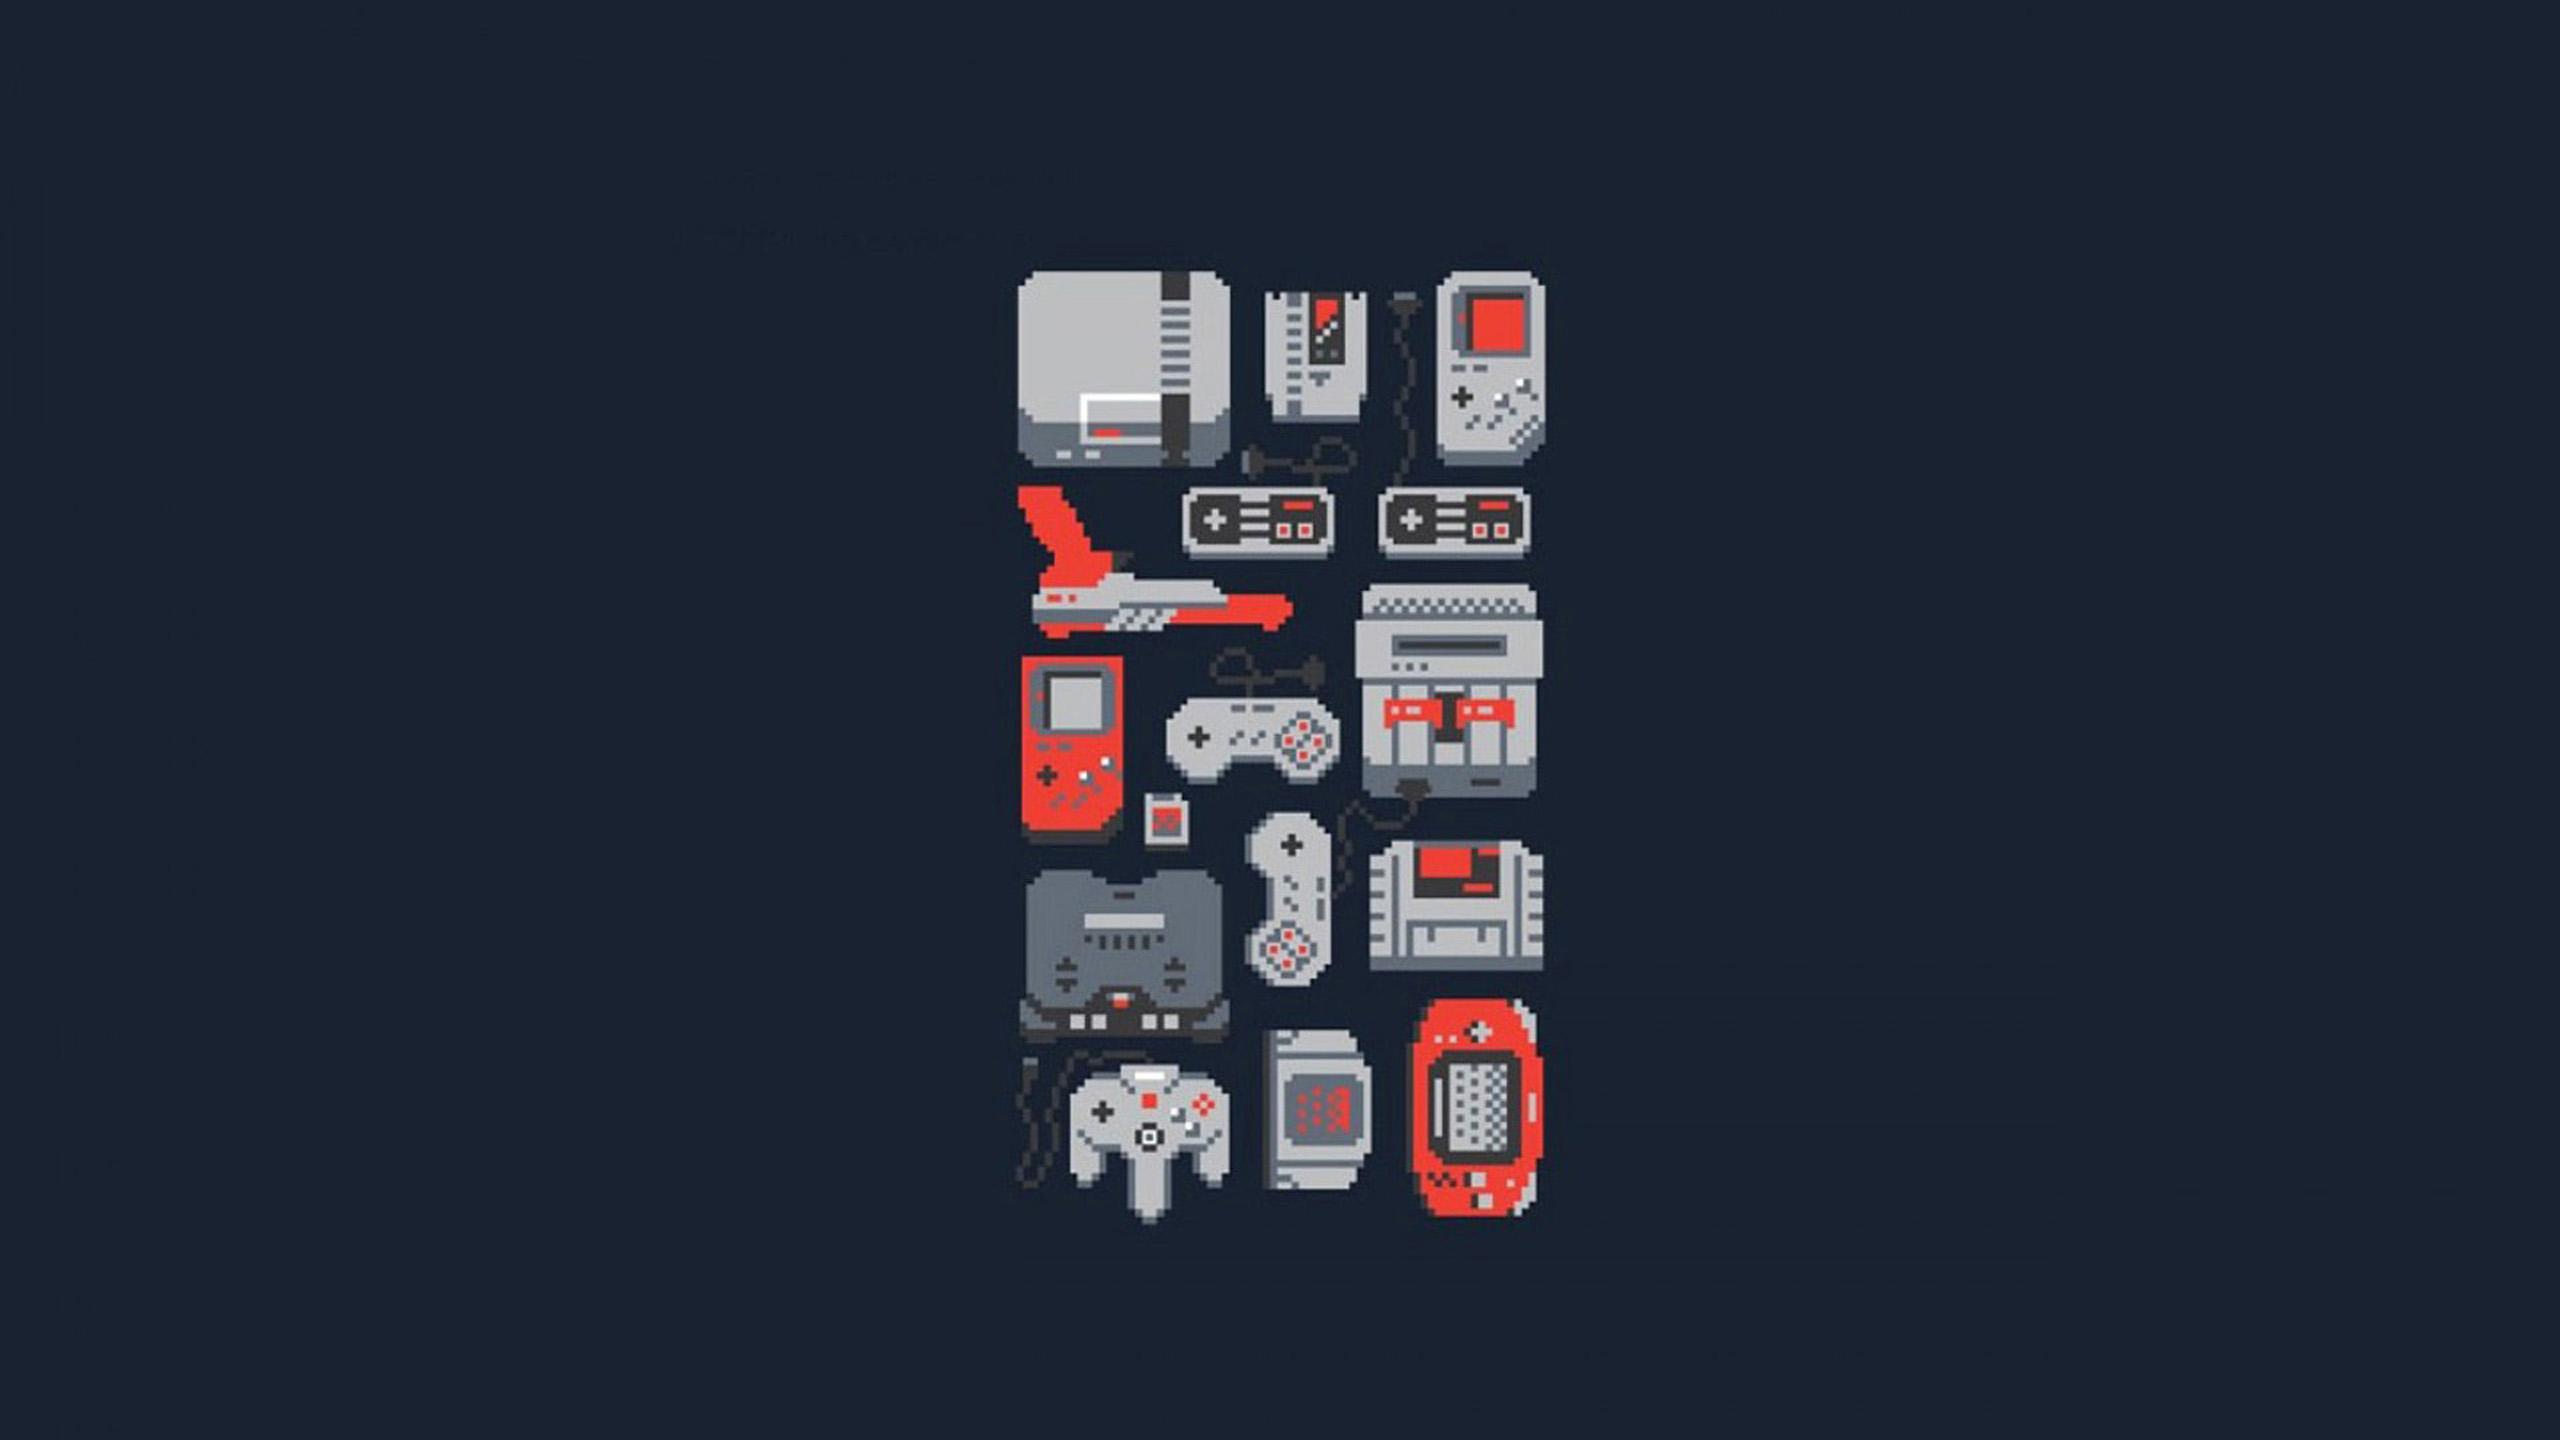 Retro Game Wallpapers - WallpaperSafari